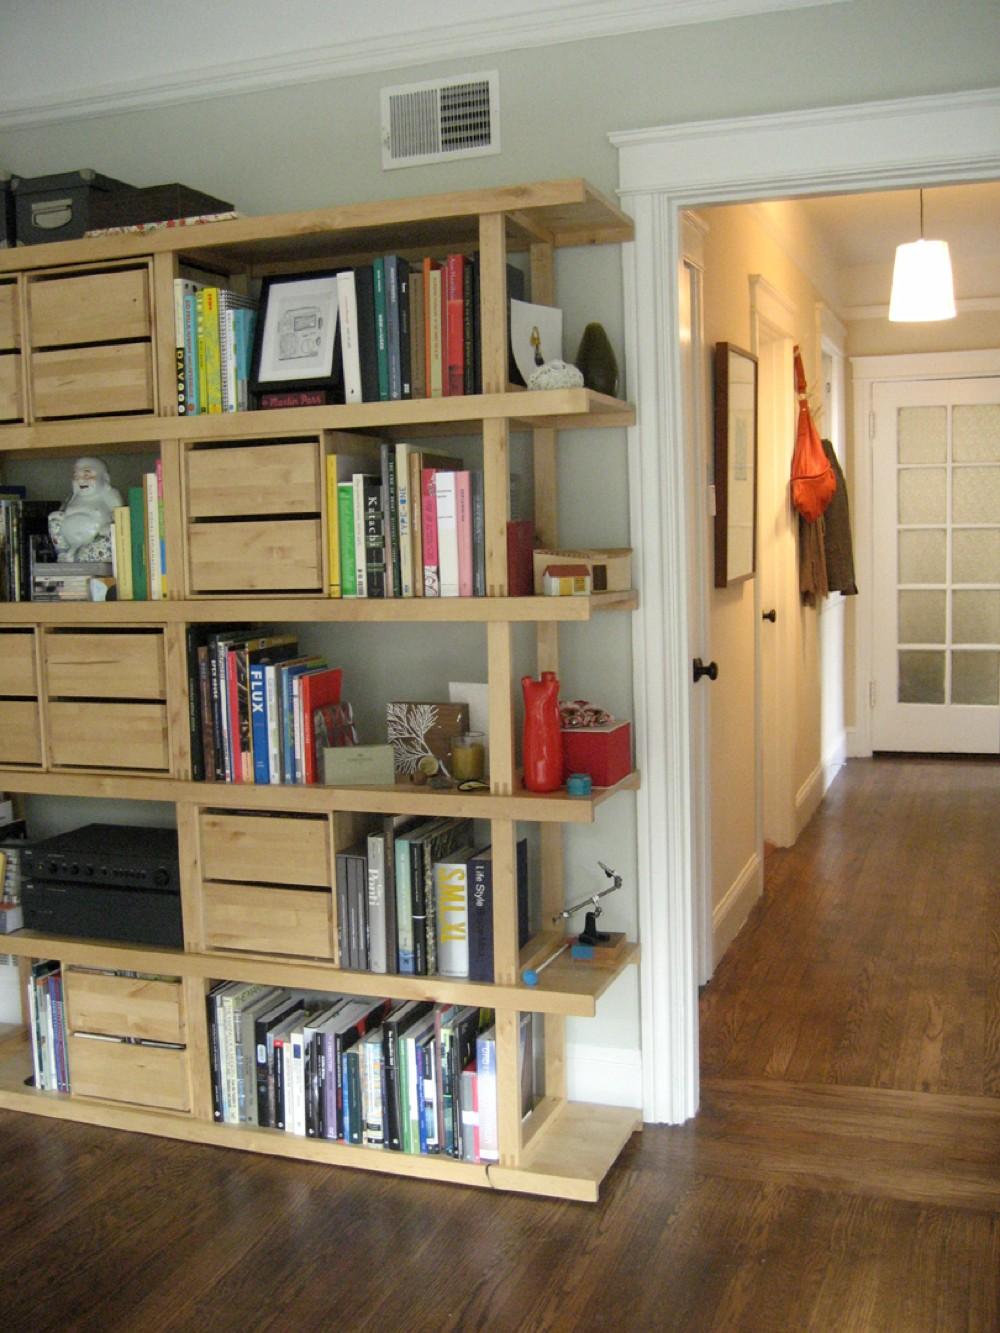 IKEAの無垢材のシェルフユニット , 住宅デザイン.